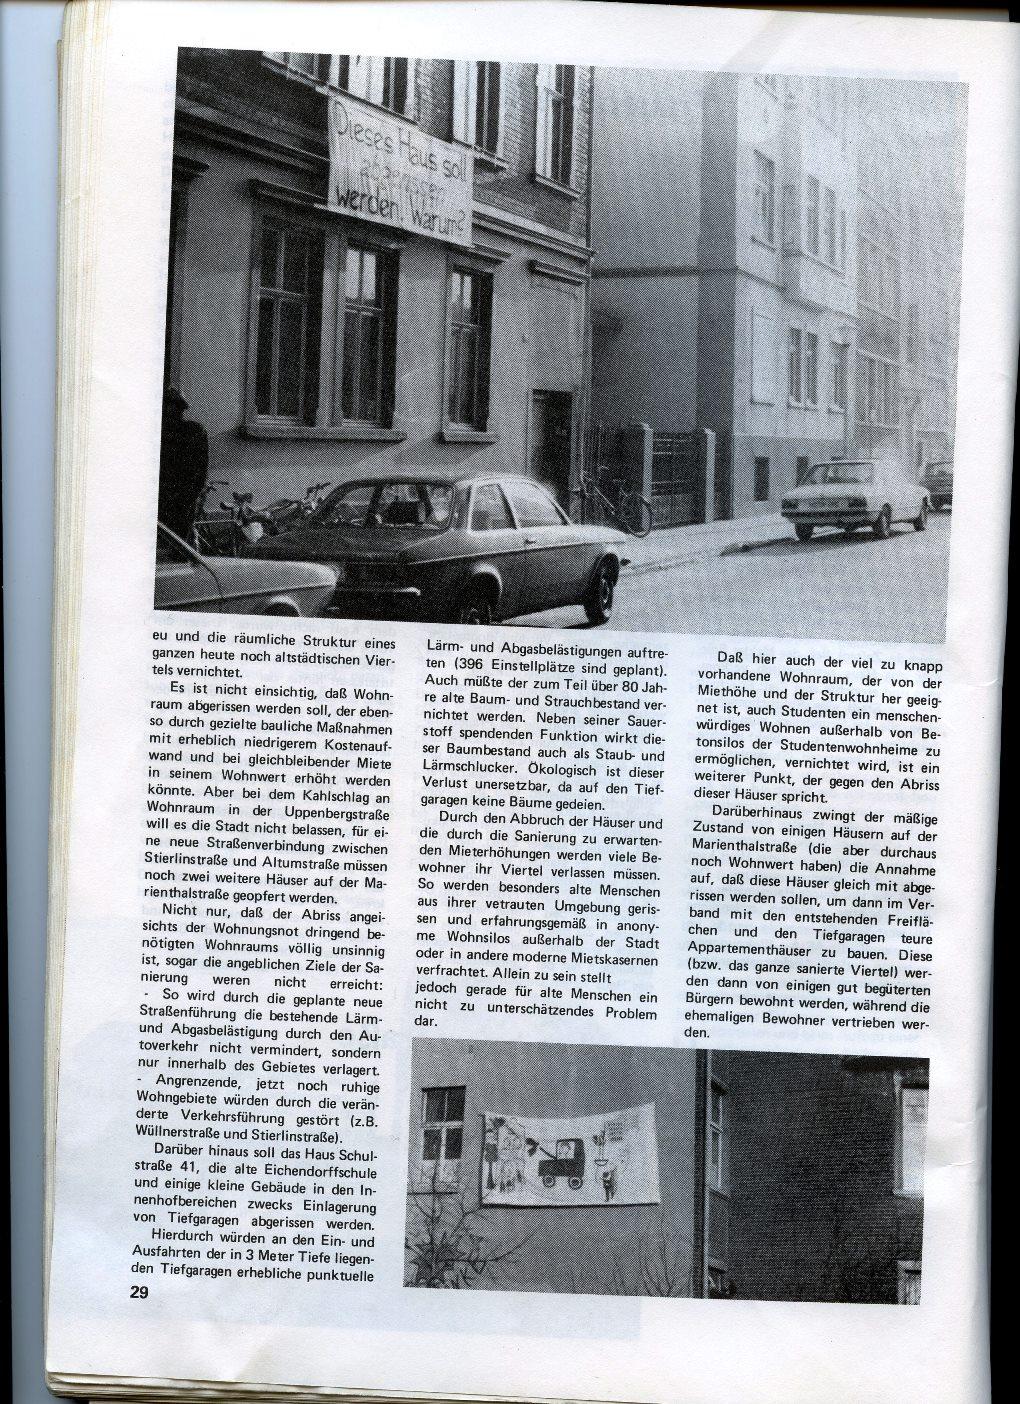 Muenster_Hausbesetzung_1980_30